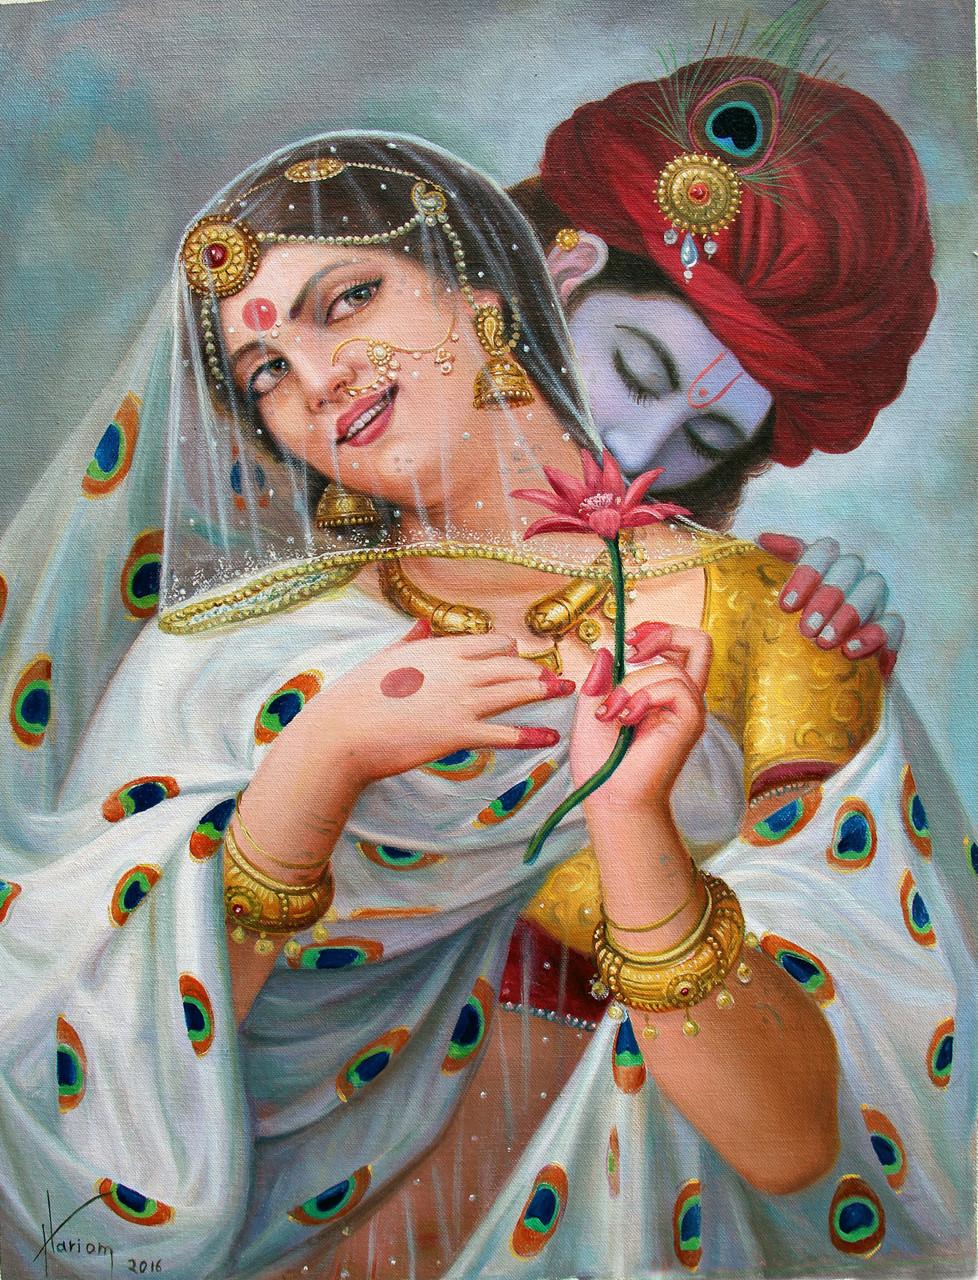 Buy Enchanting Love Radha Krishna Handmade Painting By Hariom Singh Code Art 1246 27541 Paintings For Sale Online In India